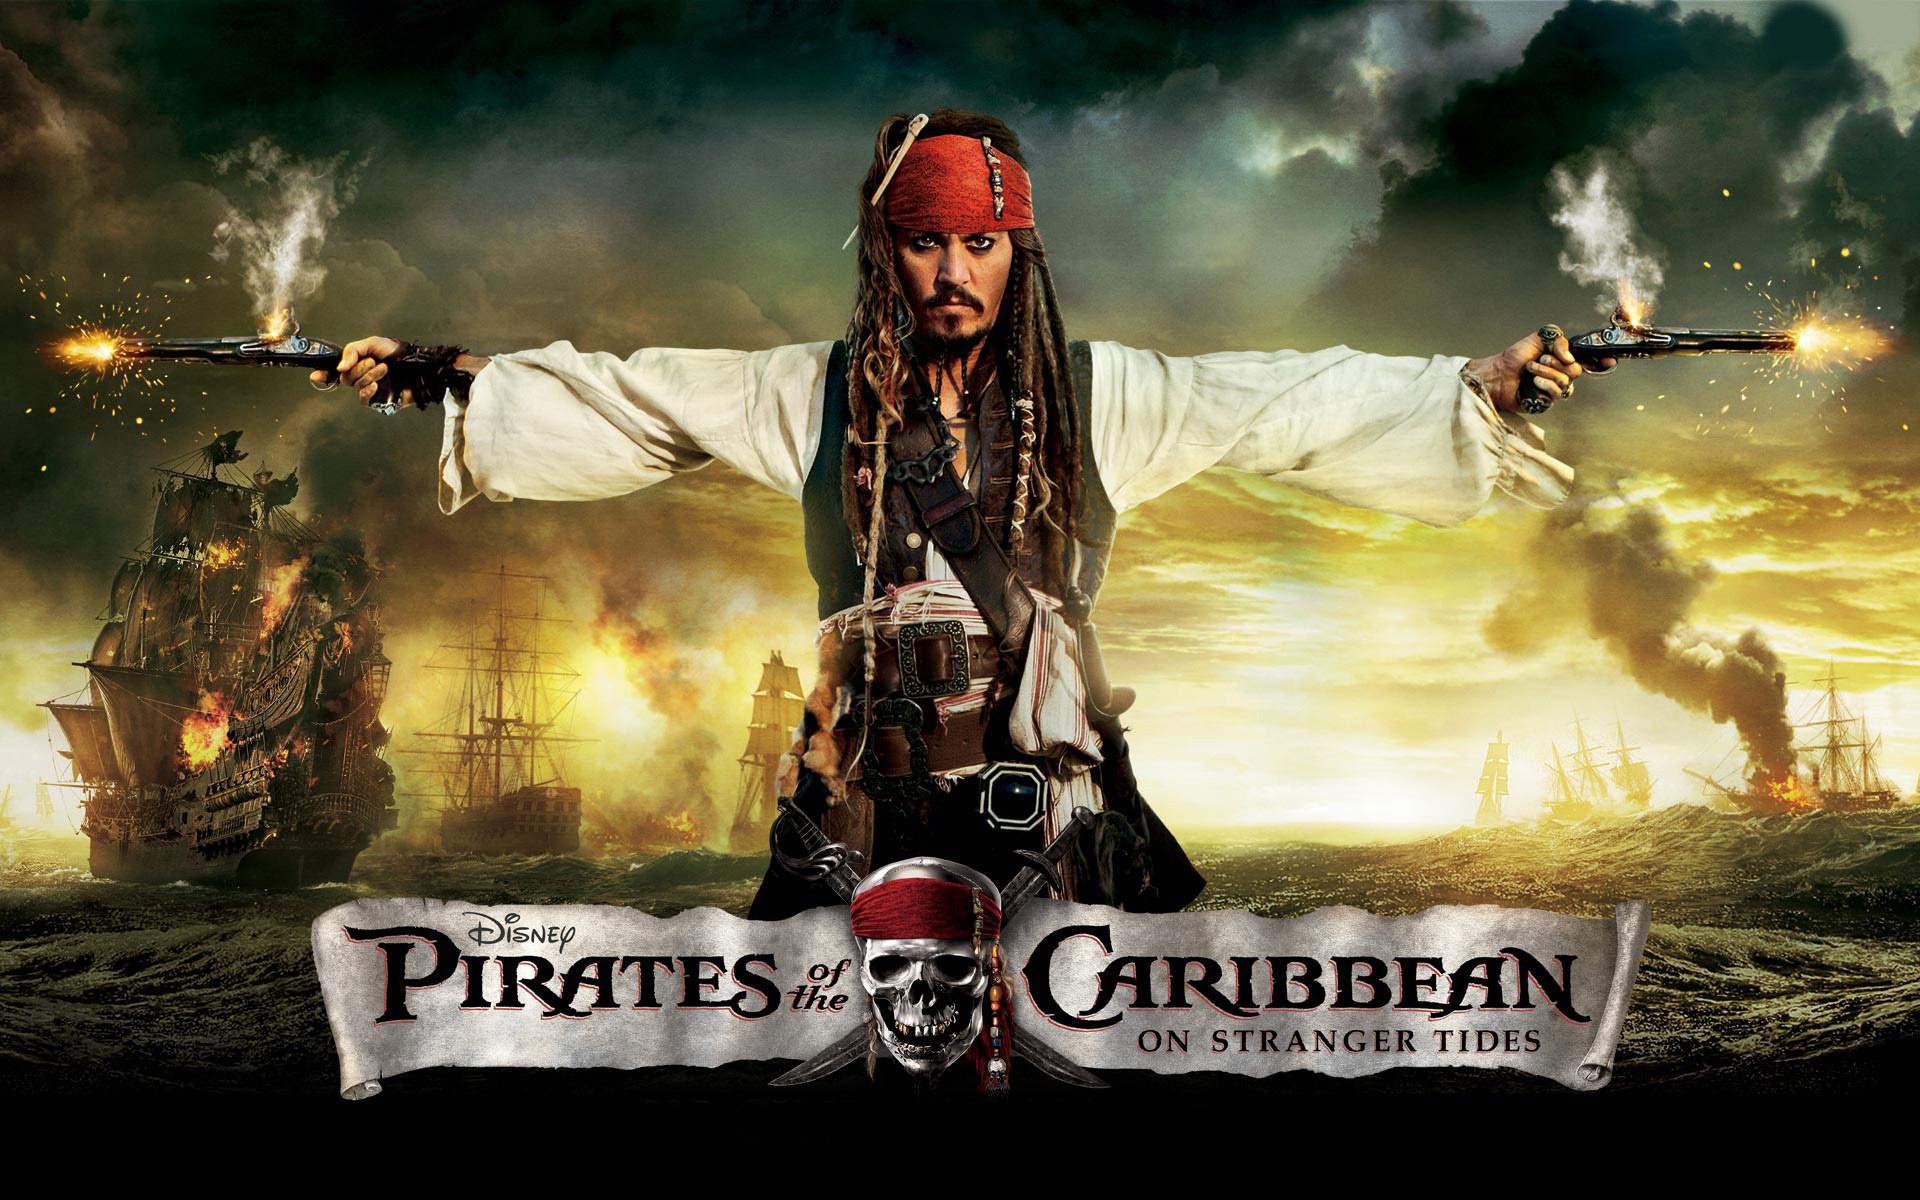 пираты карибского моря, джони депп, актер